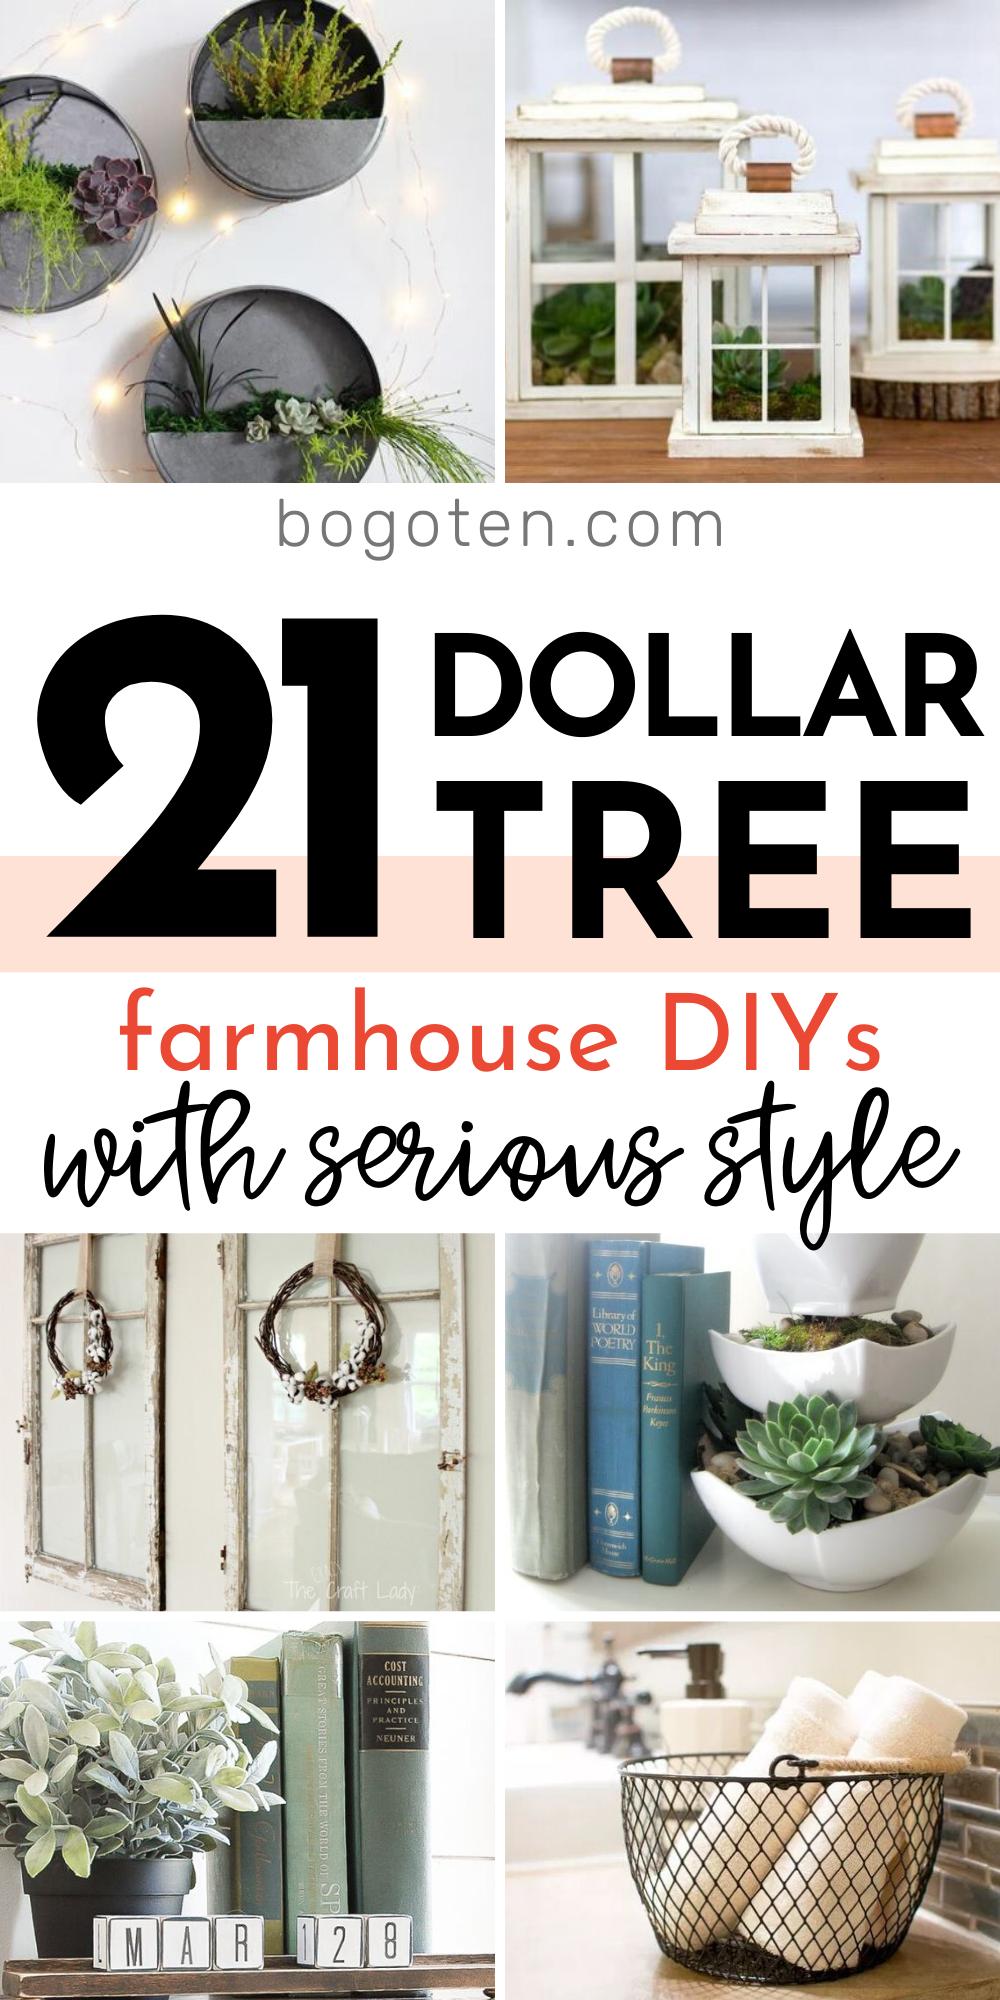 Dollar Tree Farmhouse DIYs They'll Think Cost a Fo